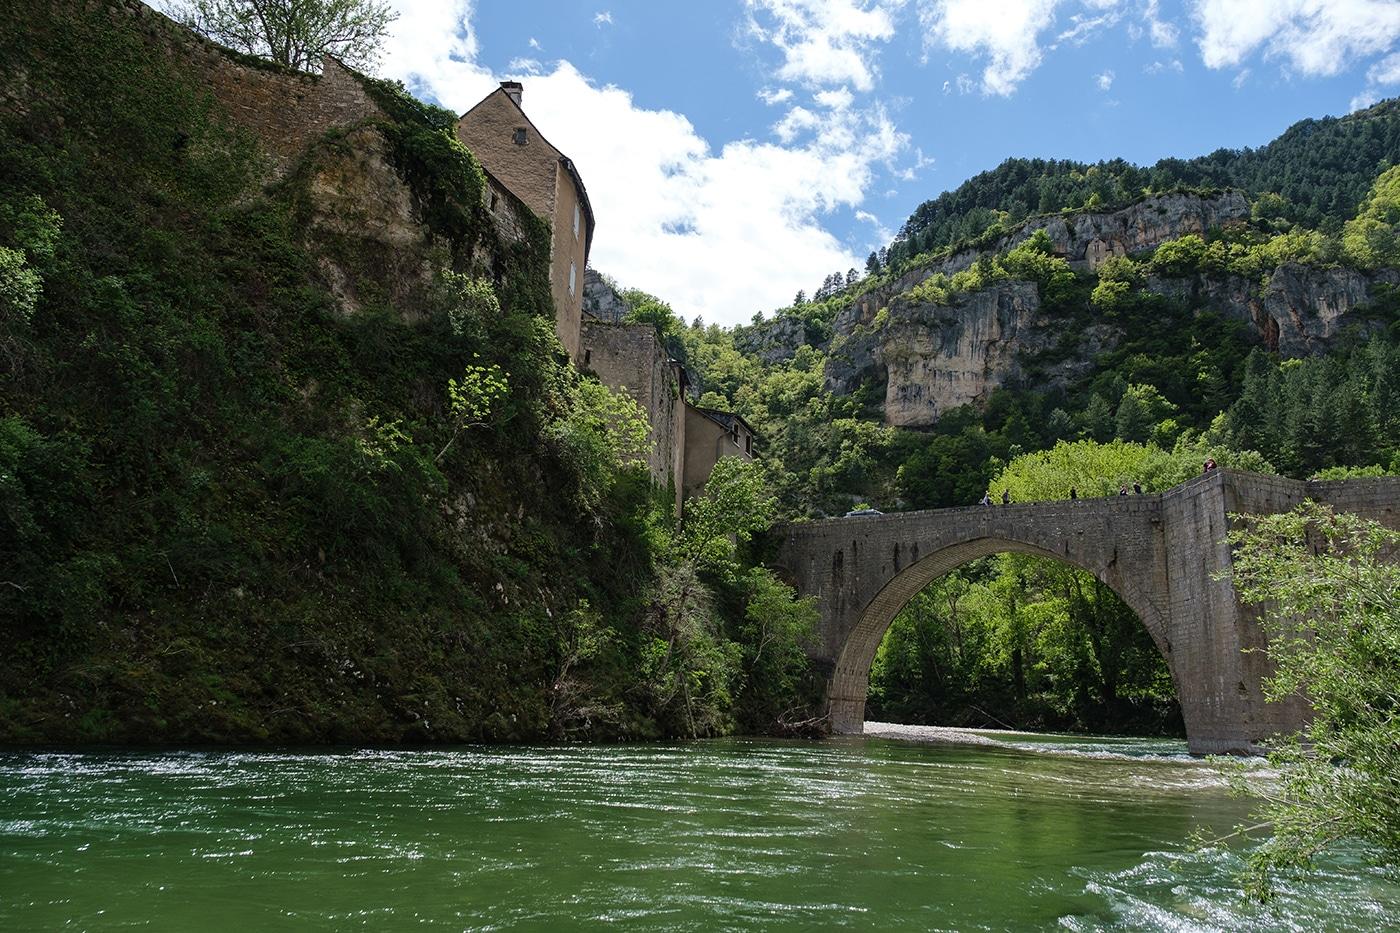 Les gorges du Tarn à Sainte Enimie